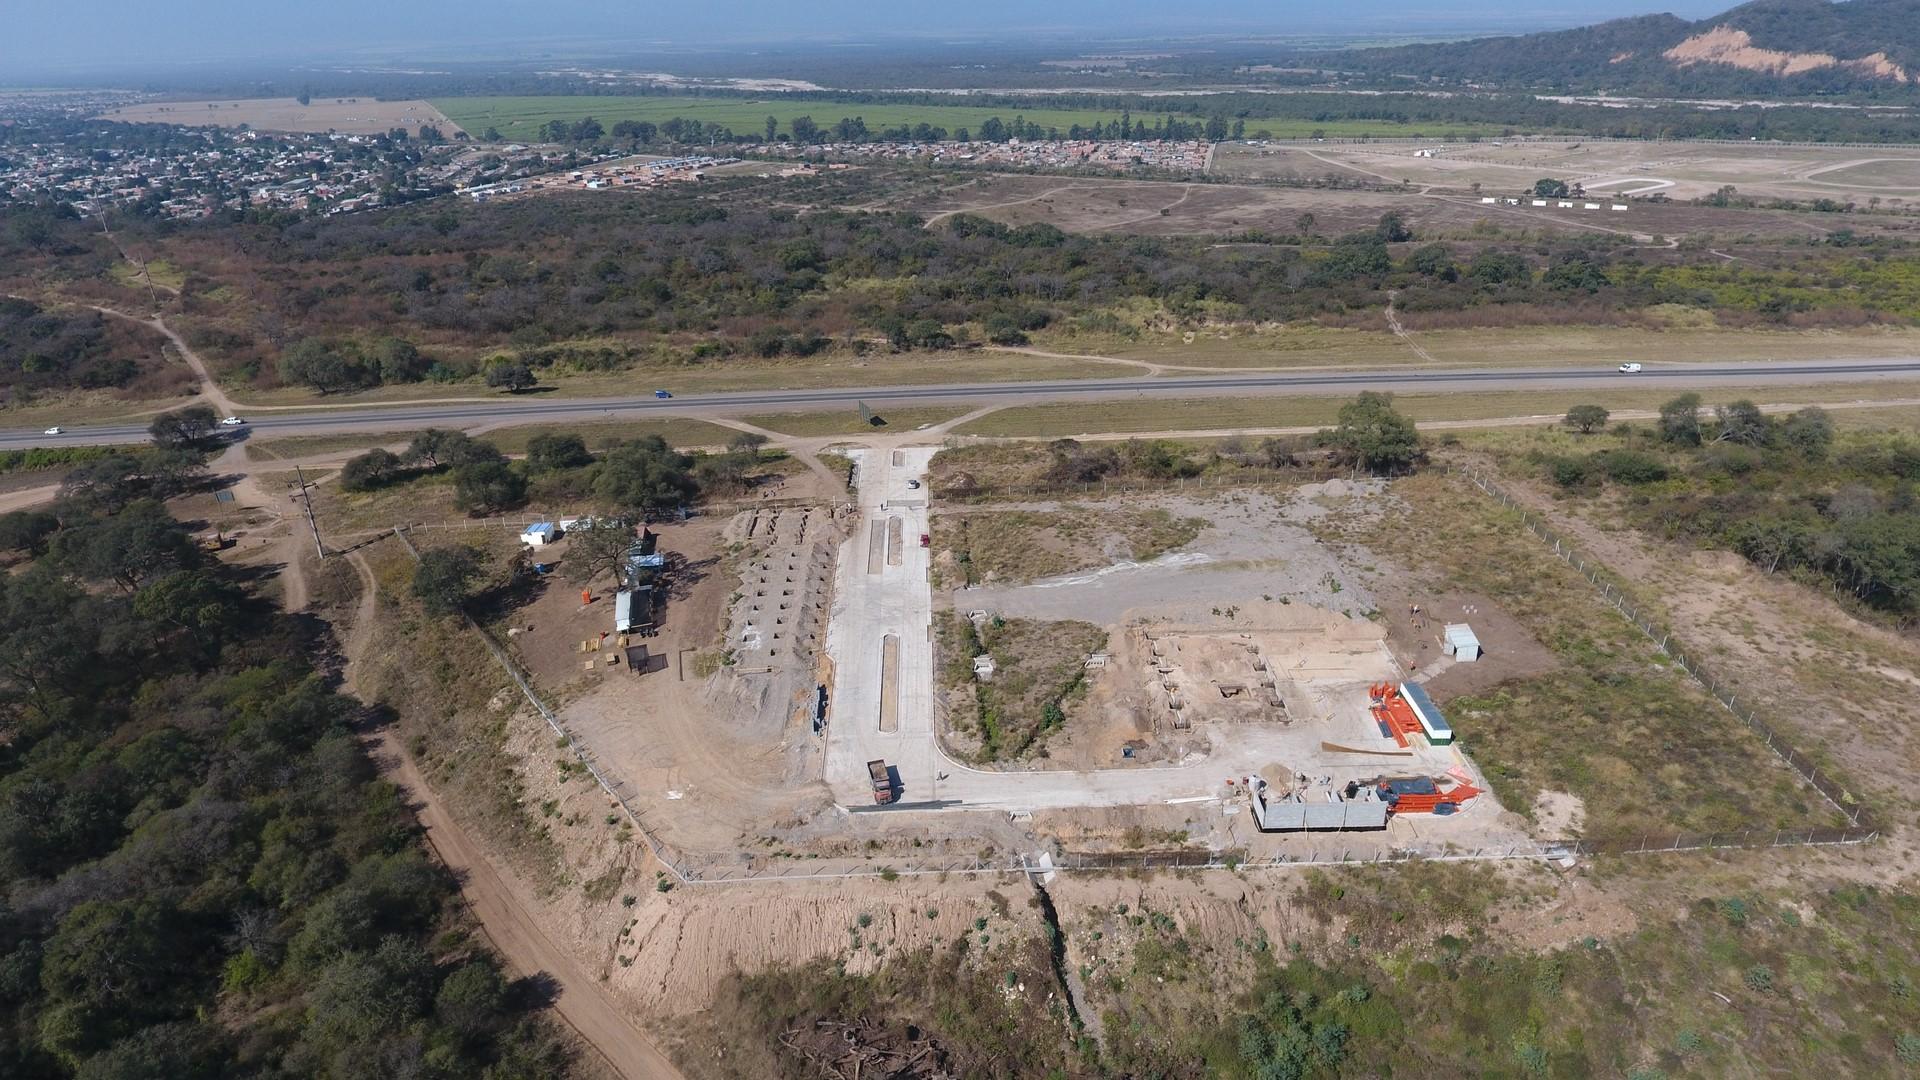 La construcción de un Centro Ambiental en Jujuy está a cargo de 3a Constructora